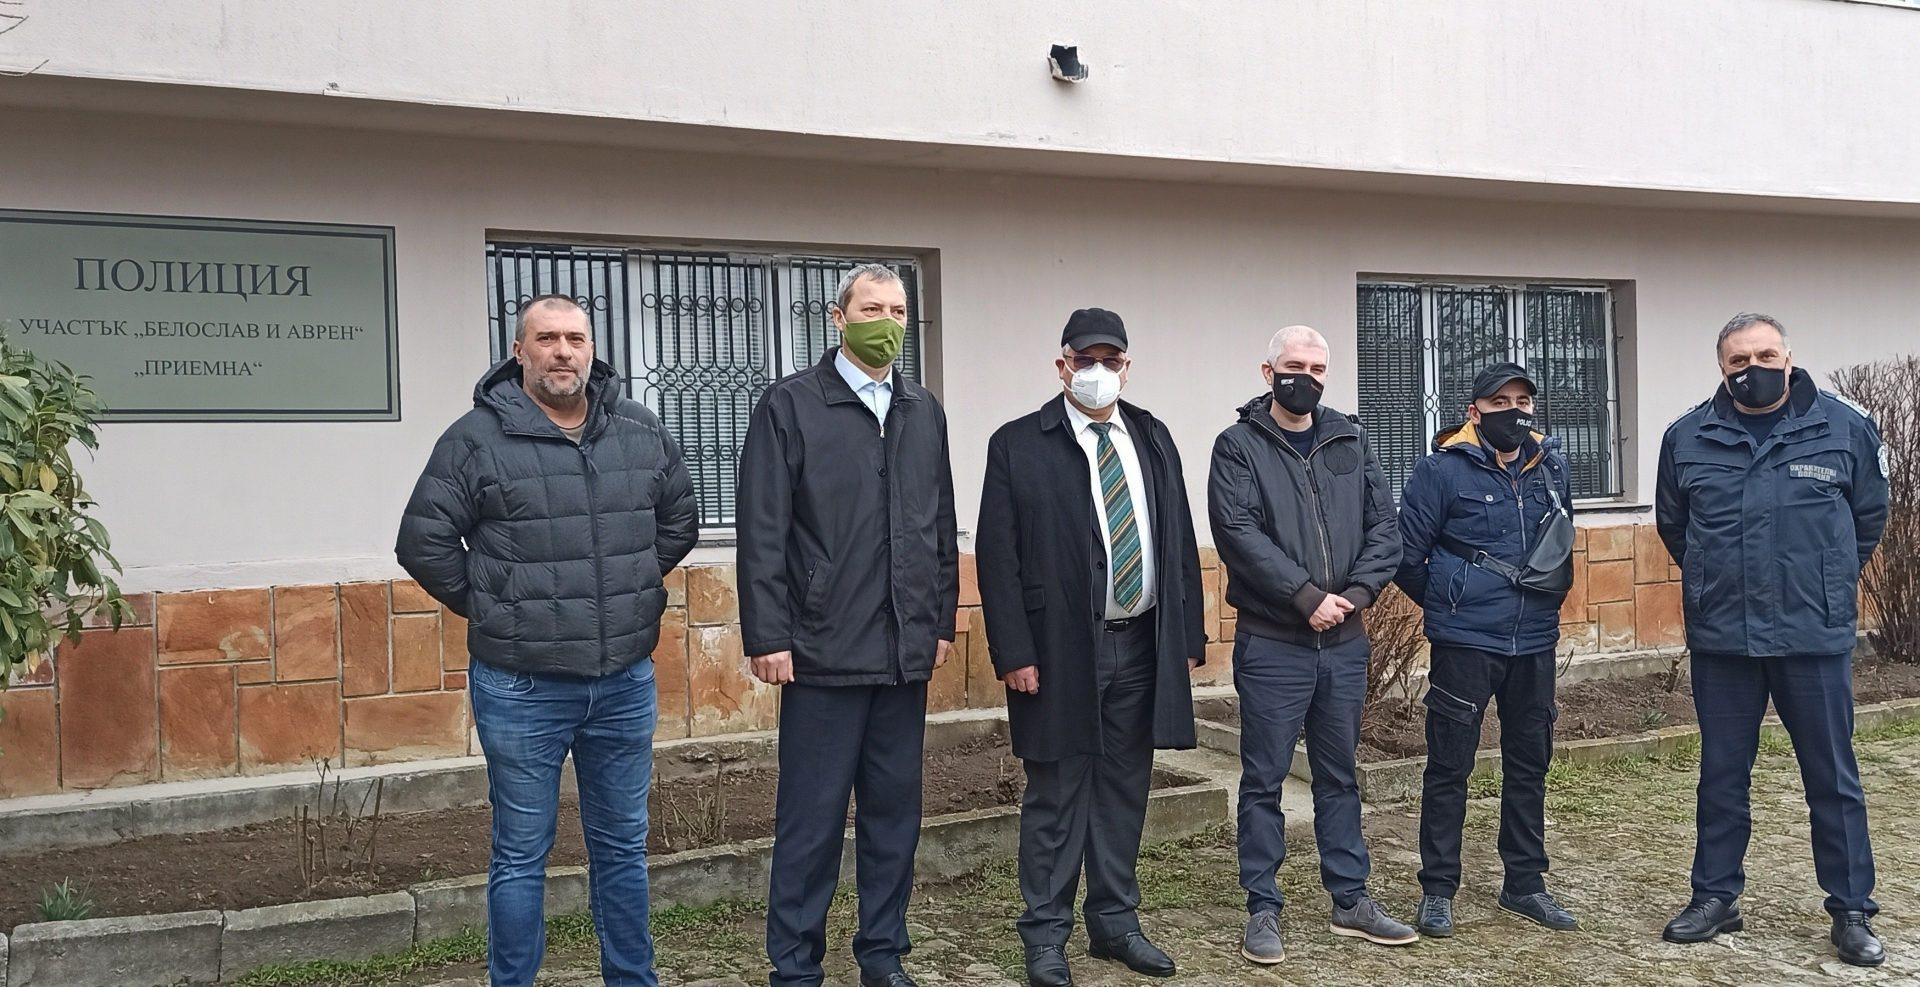 Полицейските служители от ОДМВР – Варна ще обслужват жителите на община Аврен в нови приемни помещения